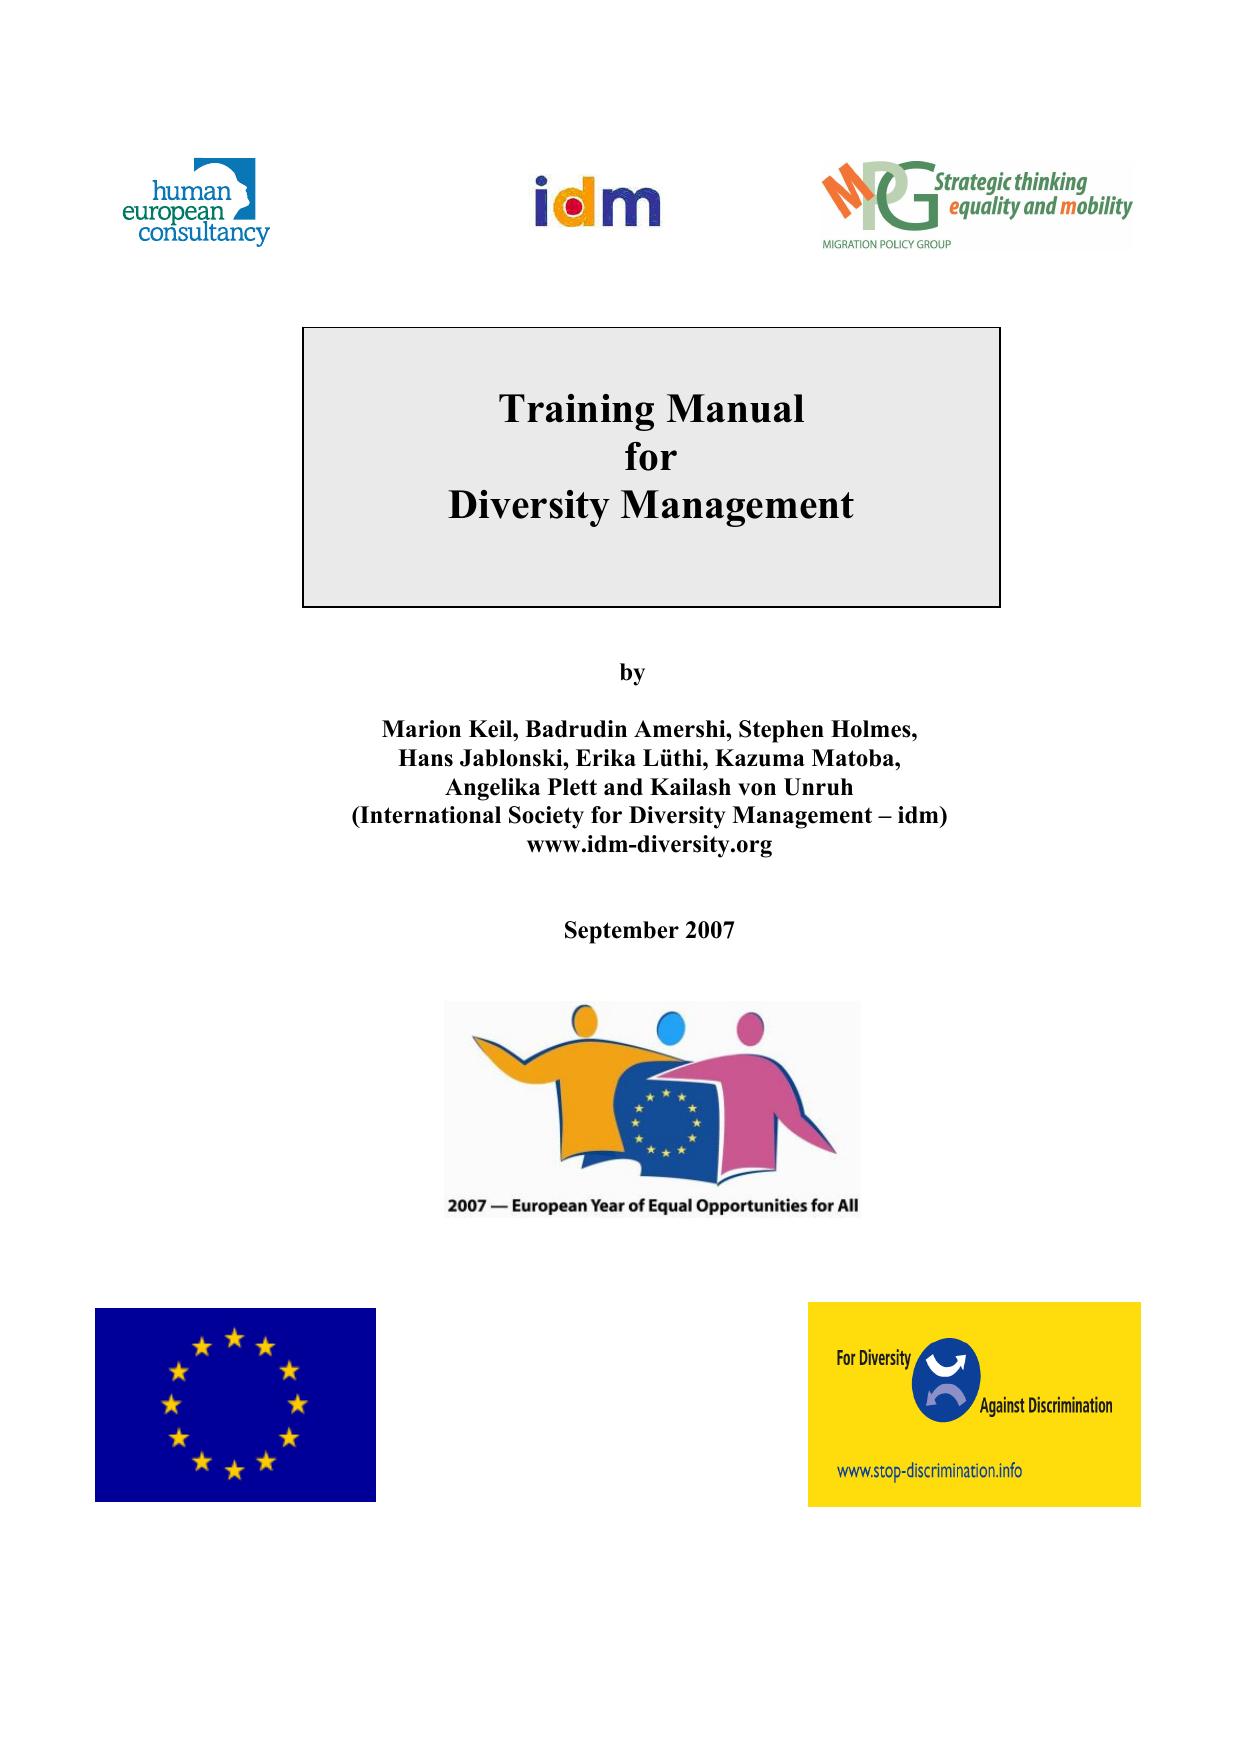 Training Manual Diversity Manual